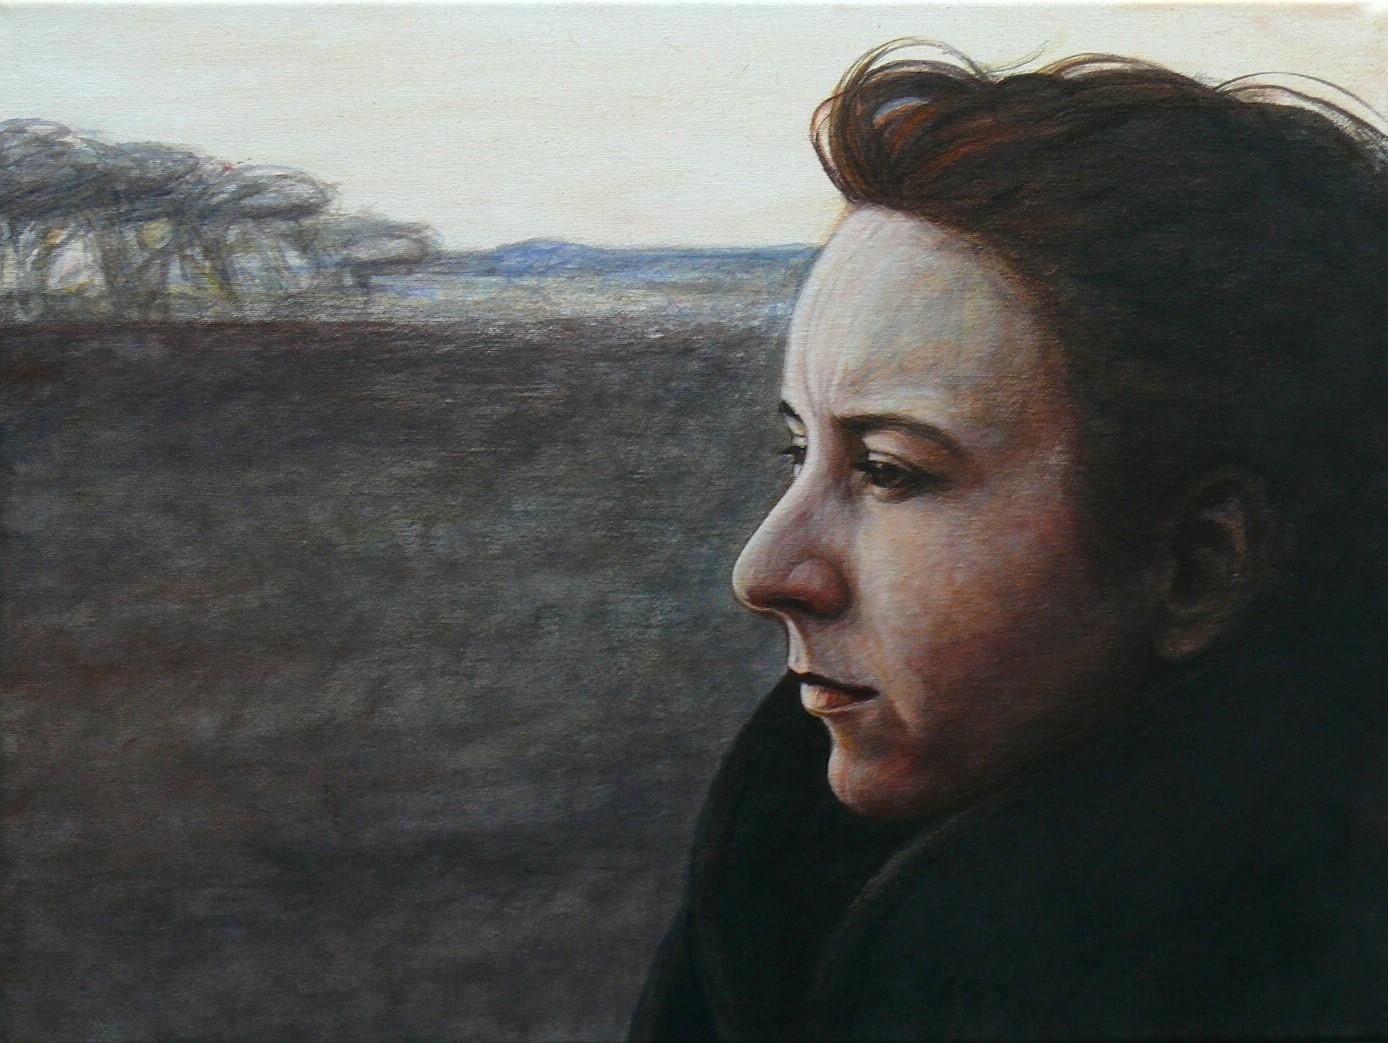 Ruth   2020 (rechts)   Diptychon Acryl/Leinwand   48x36 cm